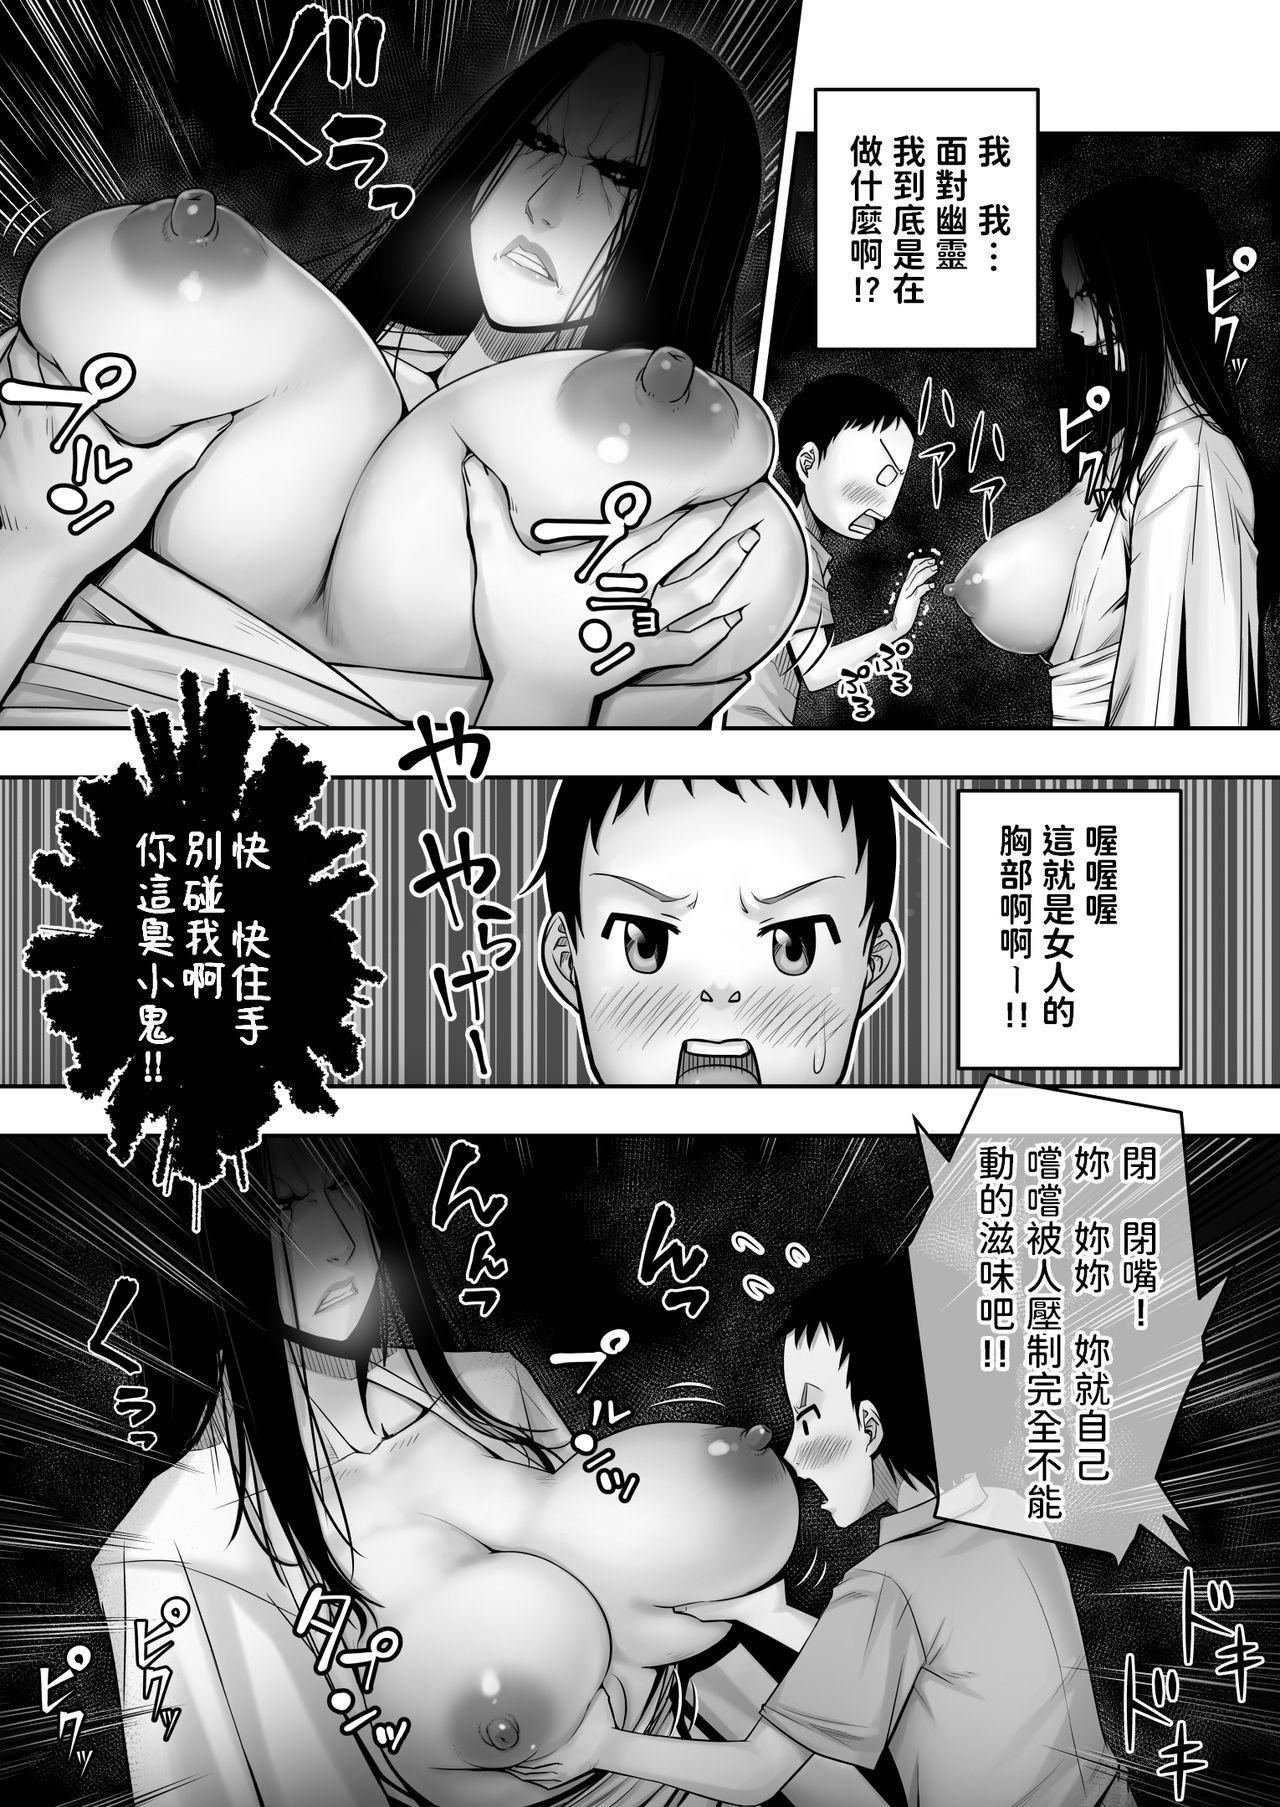 Doutei ga Heya ni Toritsuite Iru Onna Yuurei ni Gyaku Kanashibari o Kaketa Kekka 9